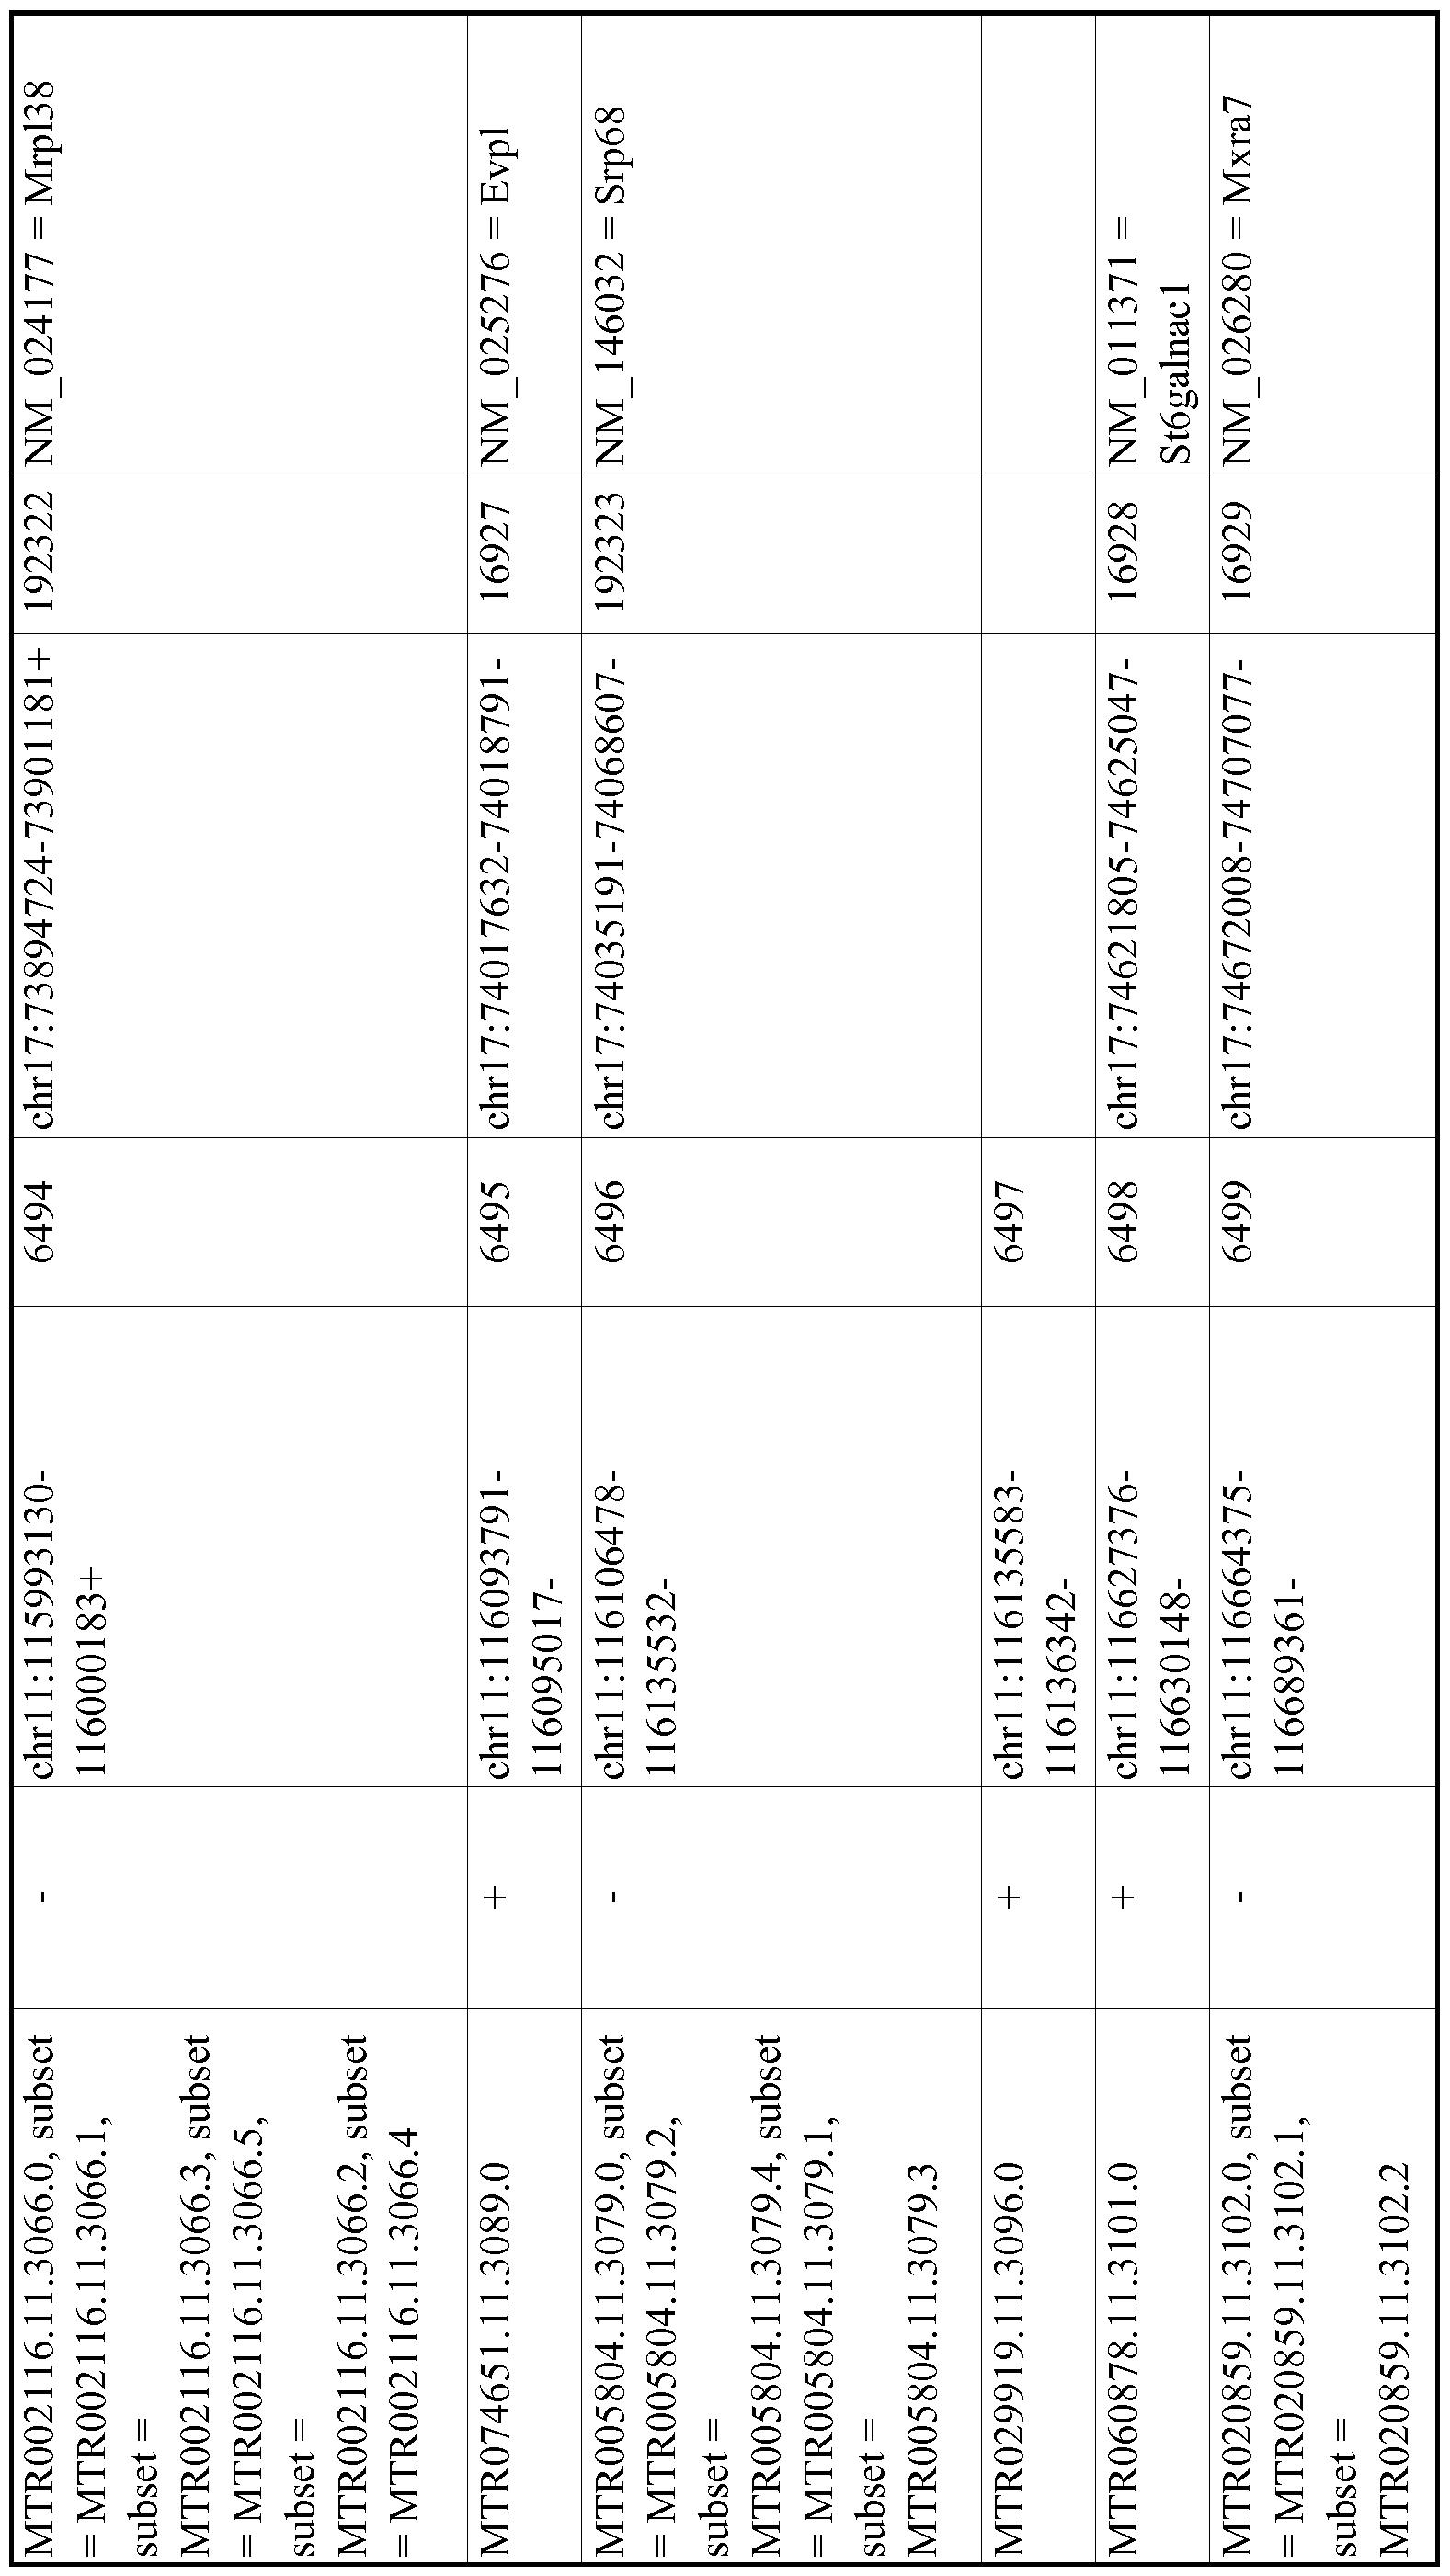 Figure imgf001164_0001